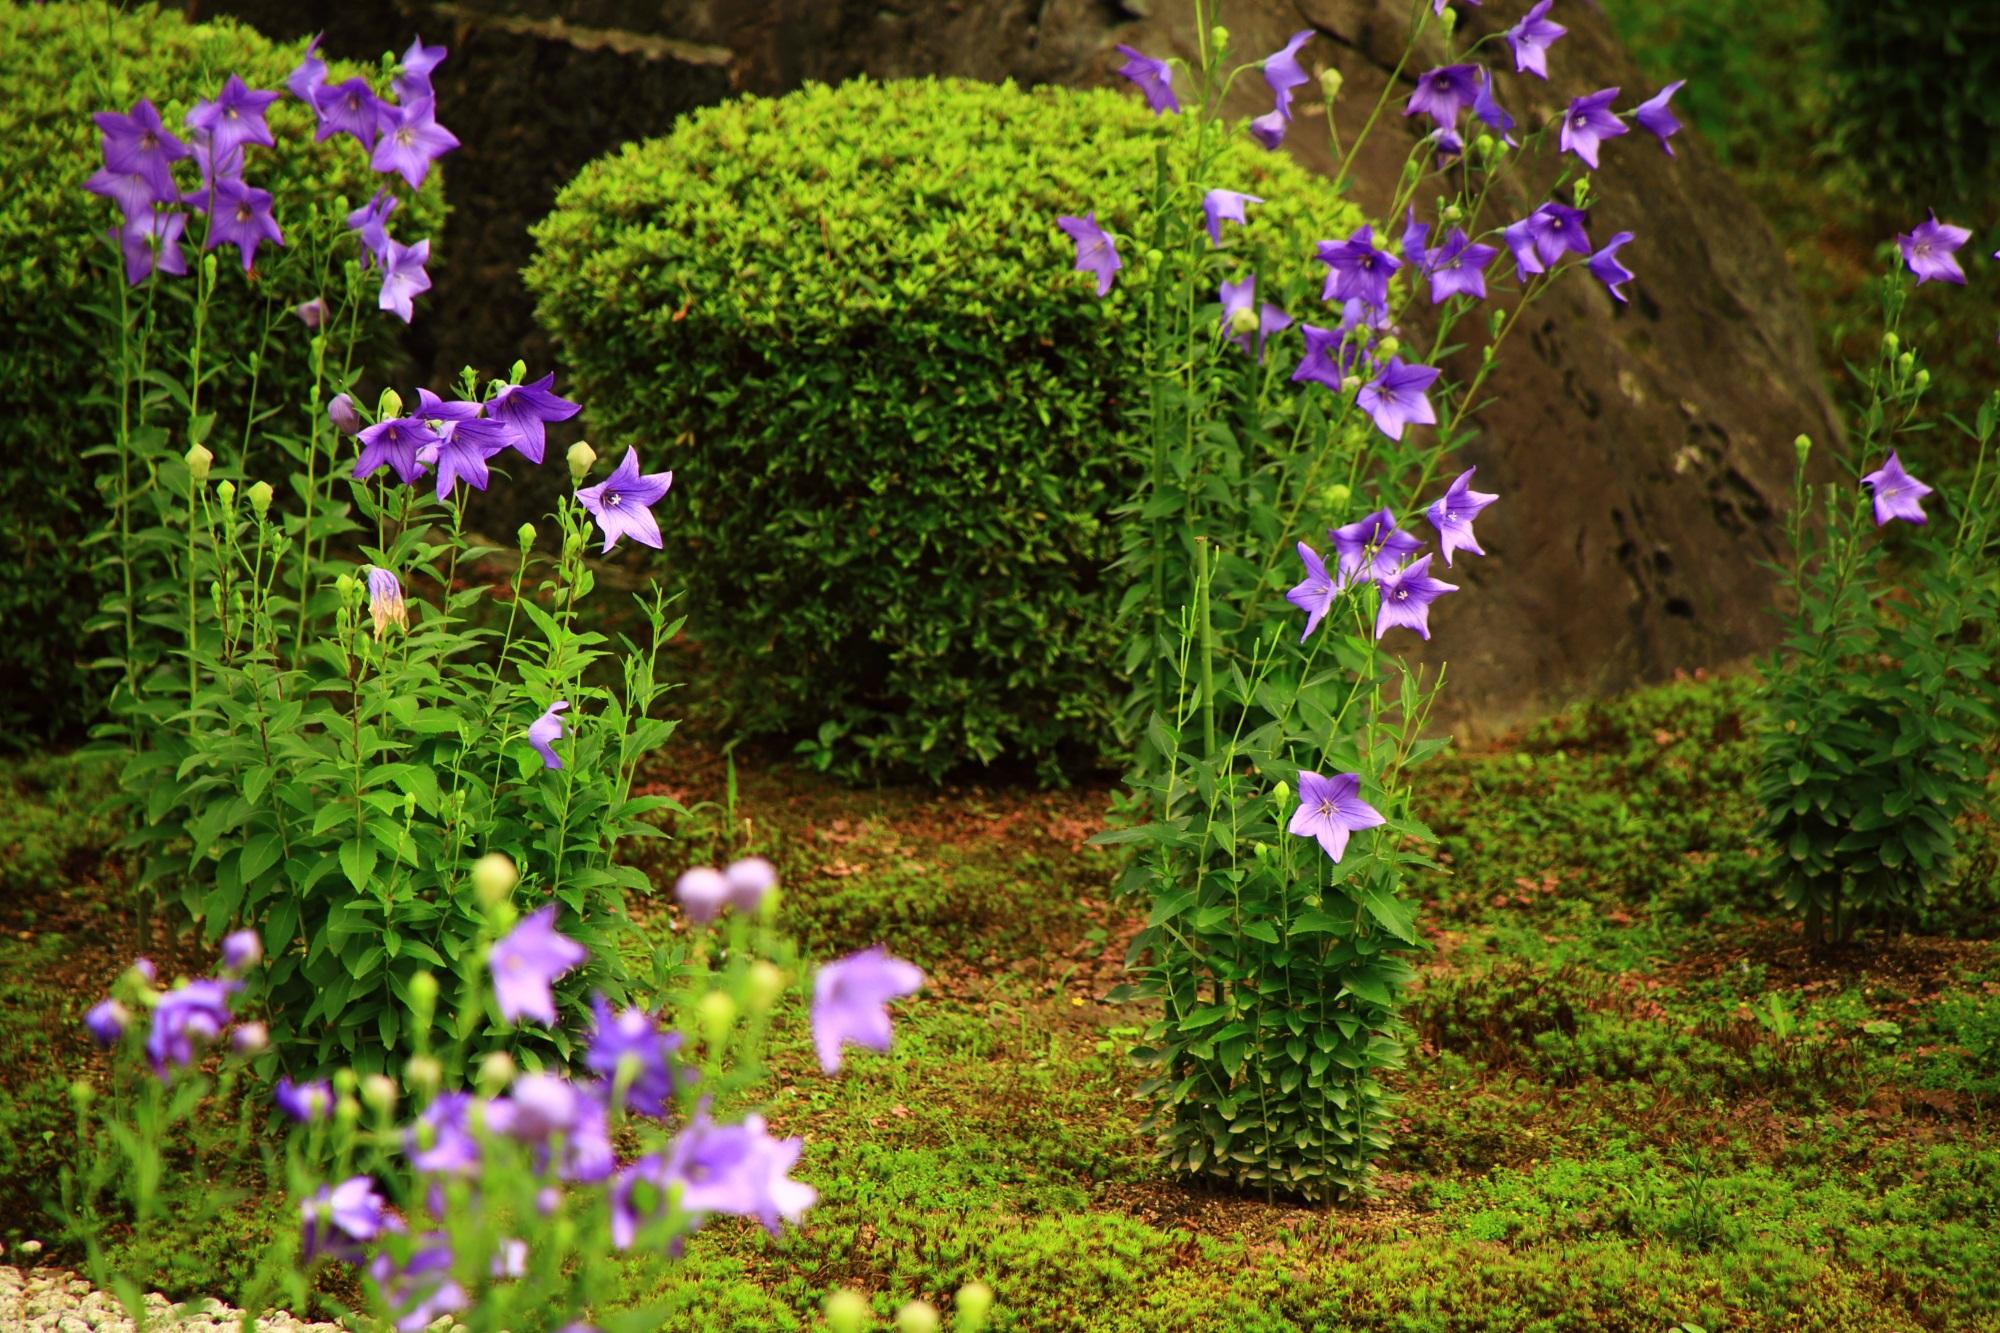 いろんな方向を向く廬山寺の桔梗の花